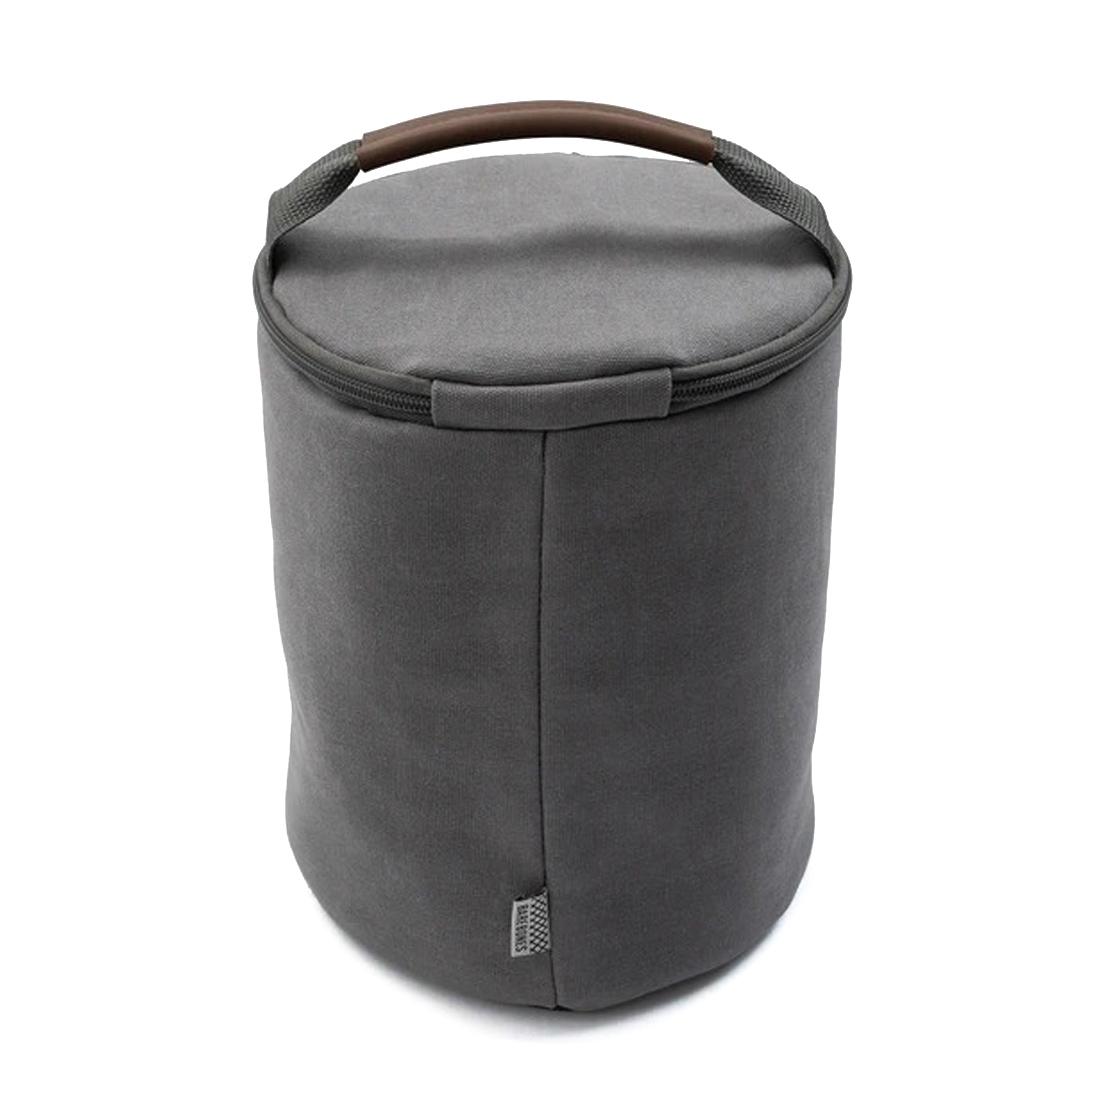 ベアボーンズ リビング パテッドランタンバッグ バック  国内正規品